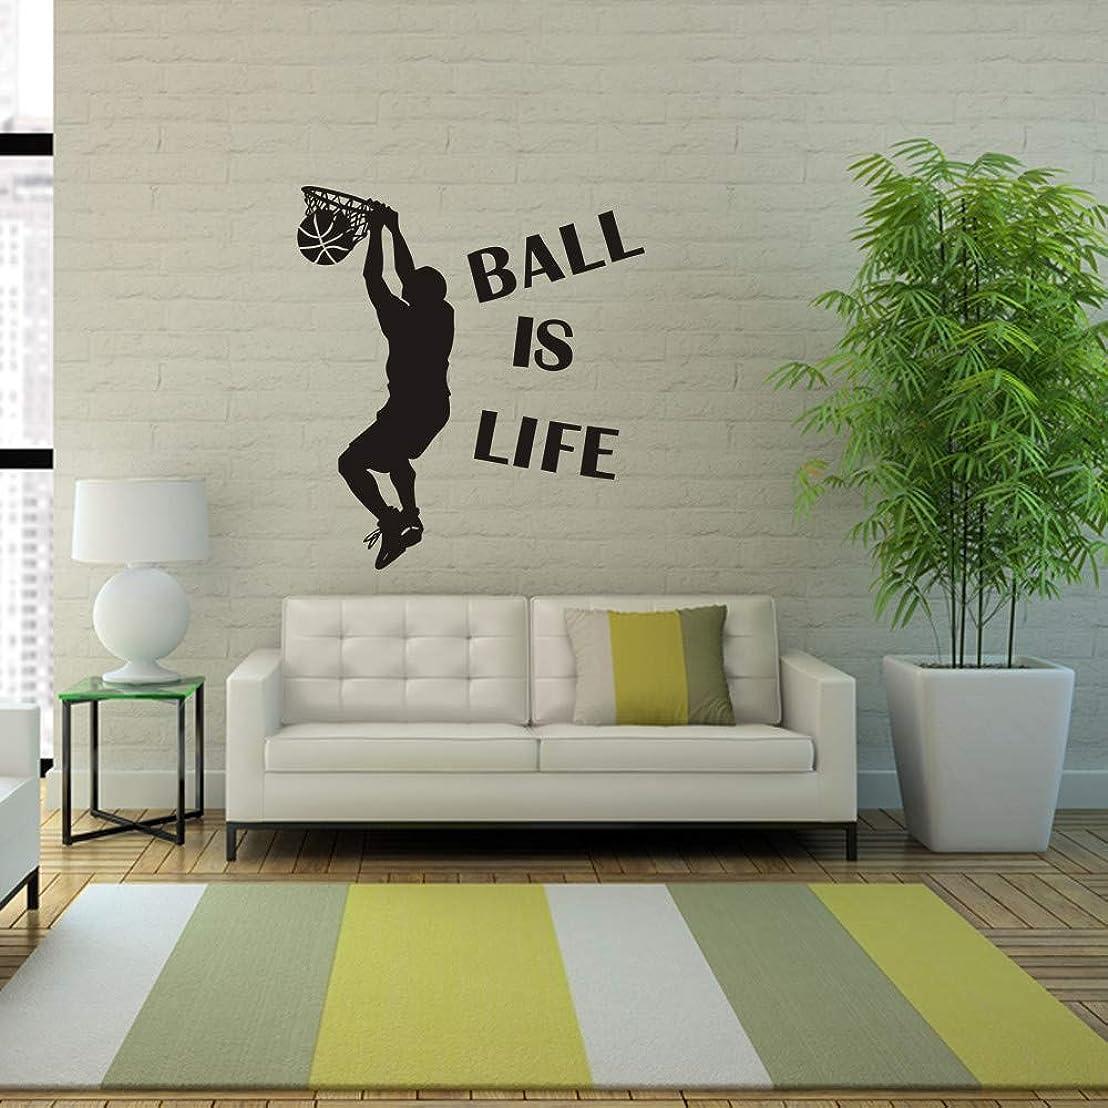 同一の逃すパワーセルNicircle ボールは人生スポーツバスケットボールの壁のステッカー壁画の装飾デカール取り外し可能です ウォールステッカー 壁紙 部屋飾り 剥がせる 2019 Fsahion Wall Stickers